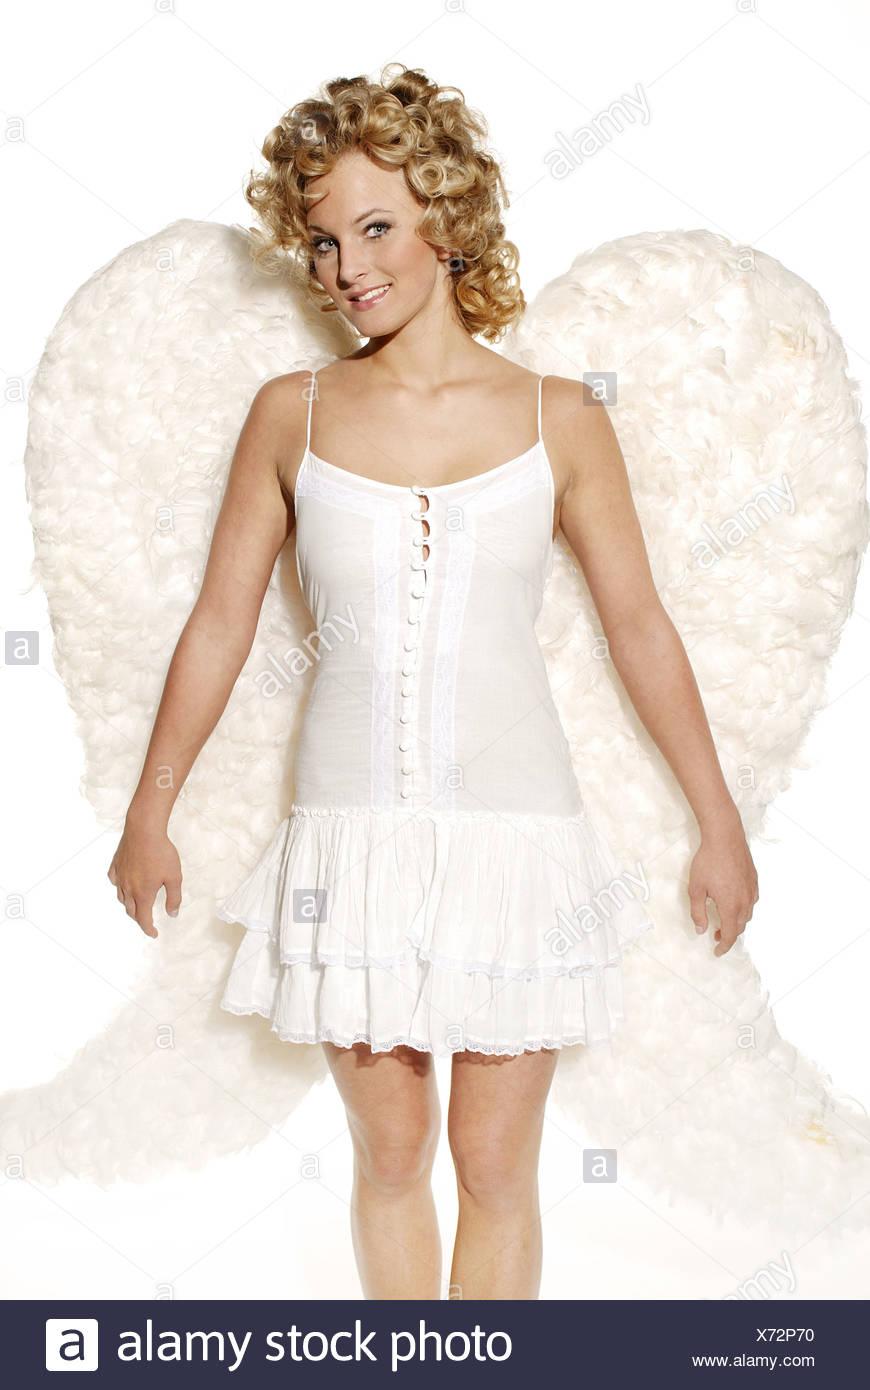 a477eabf9fa966 Frau junge blonde Engelsflügel fröhlich lächelnd Kleid Weihnachten Menschen  Weihnachten-Engel Engel Engel-Outfit outfit